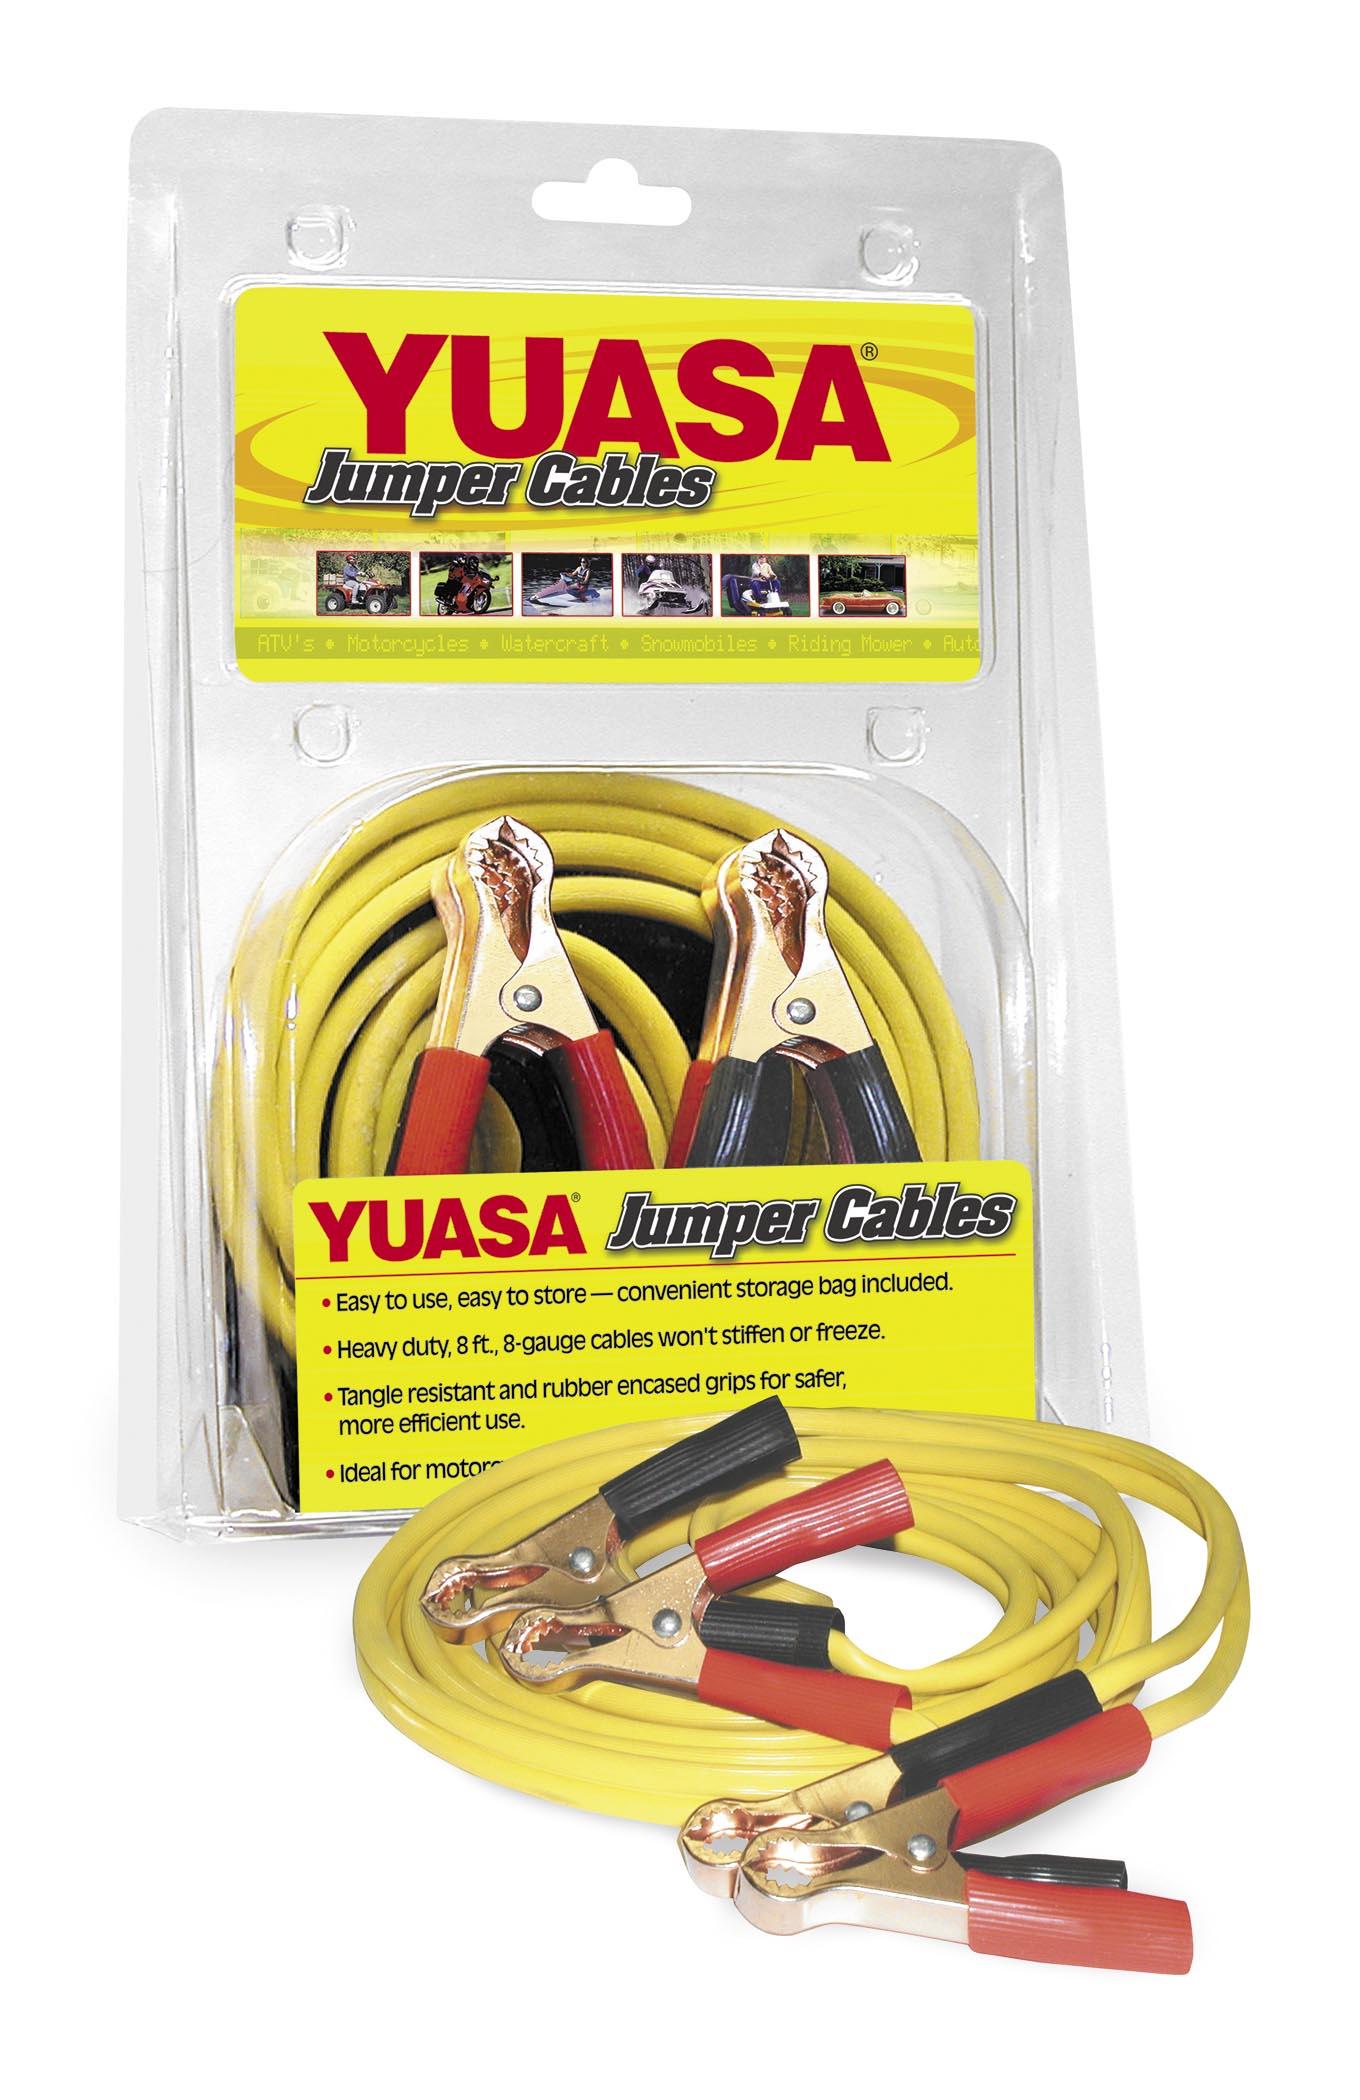 Yuasa Jumper Cables